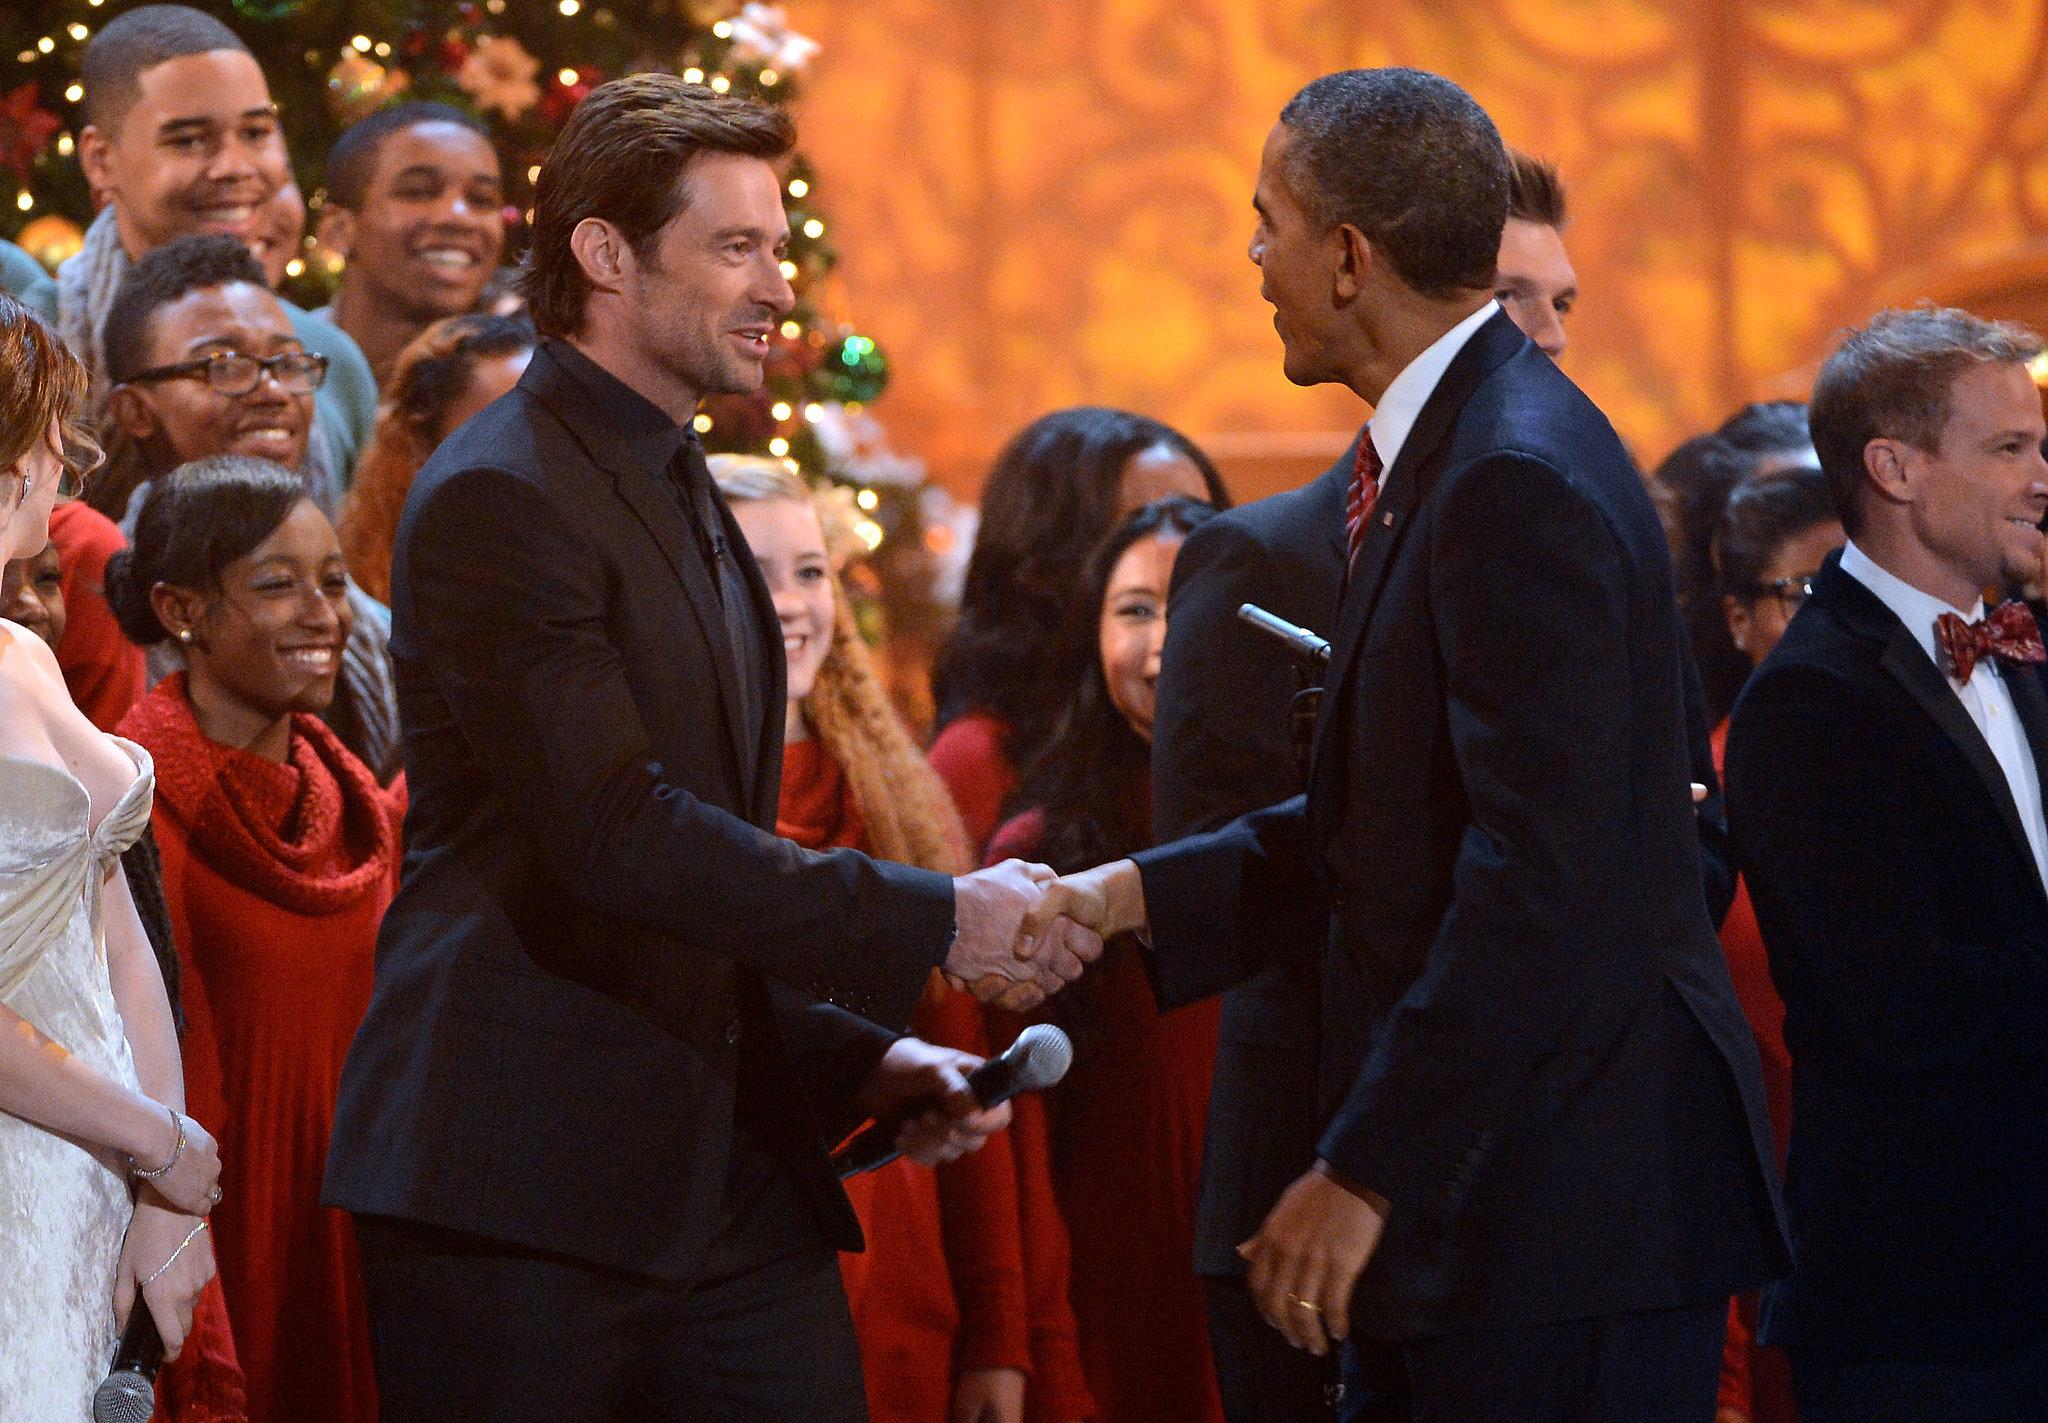 Hugh Jackman shook hands with President Obama.